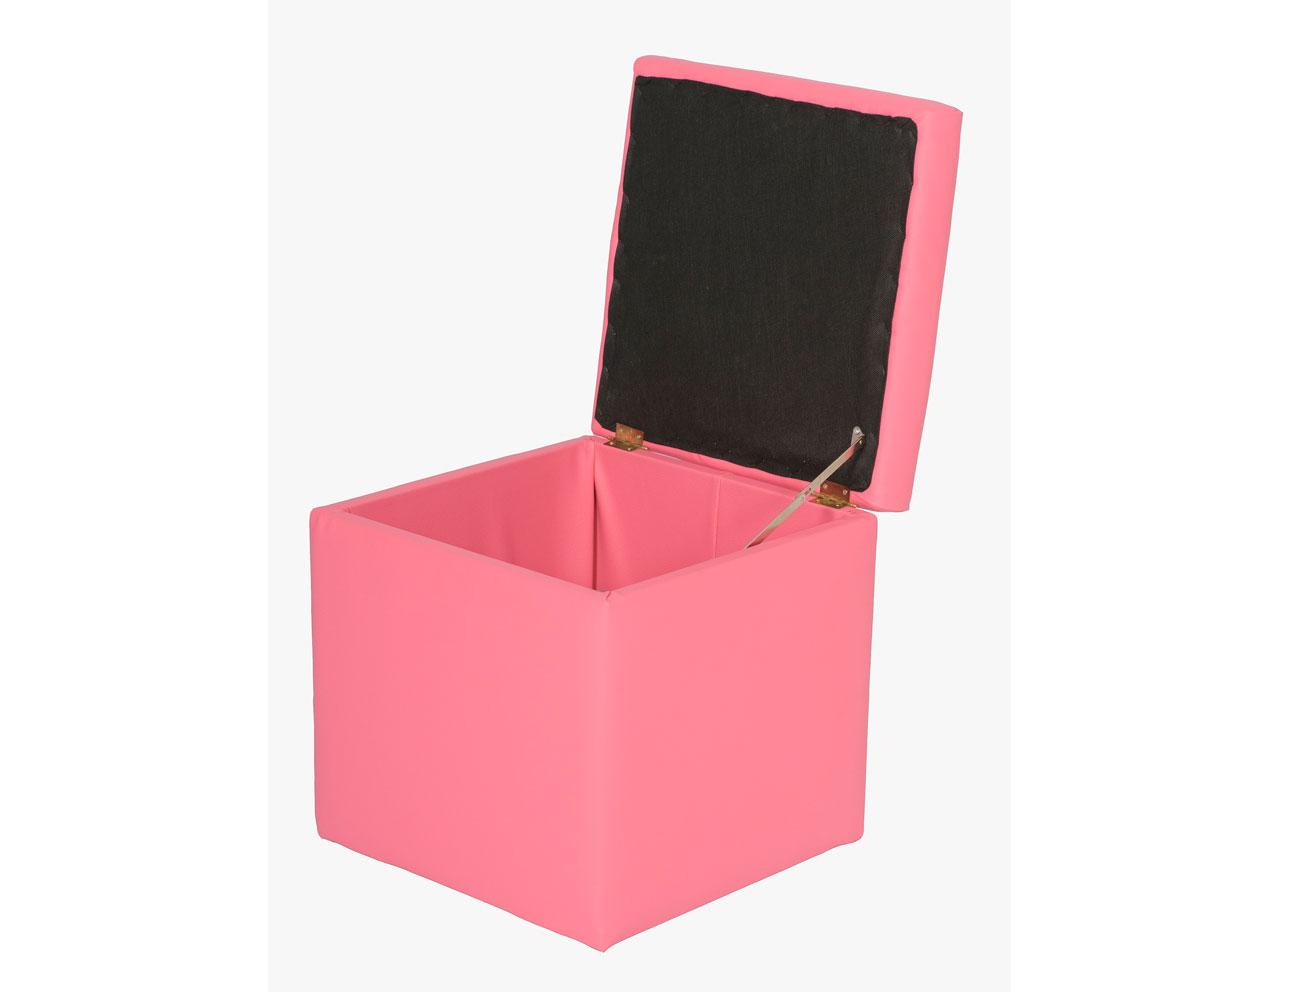 Arcon tapizado puff 40 rosa abierto